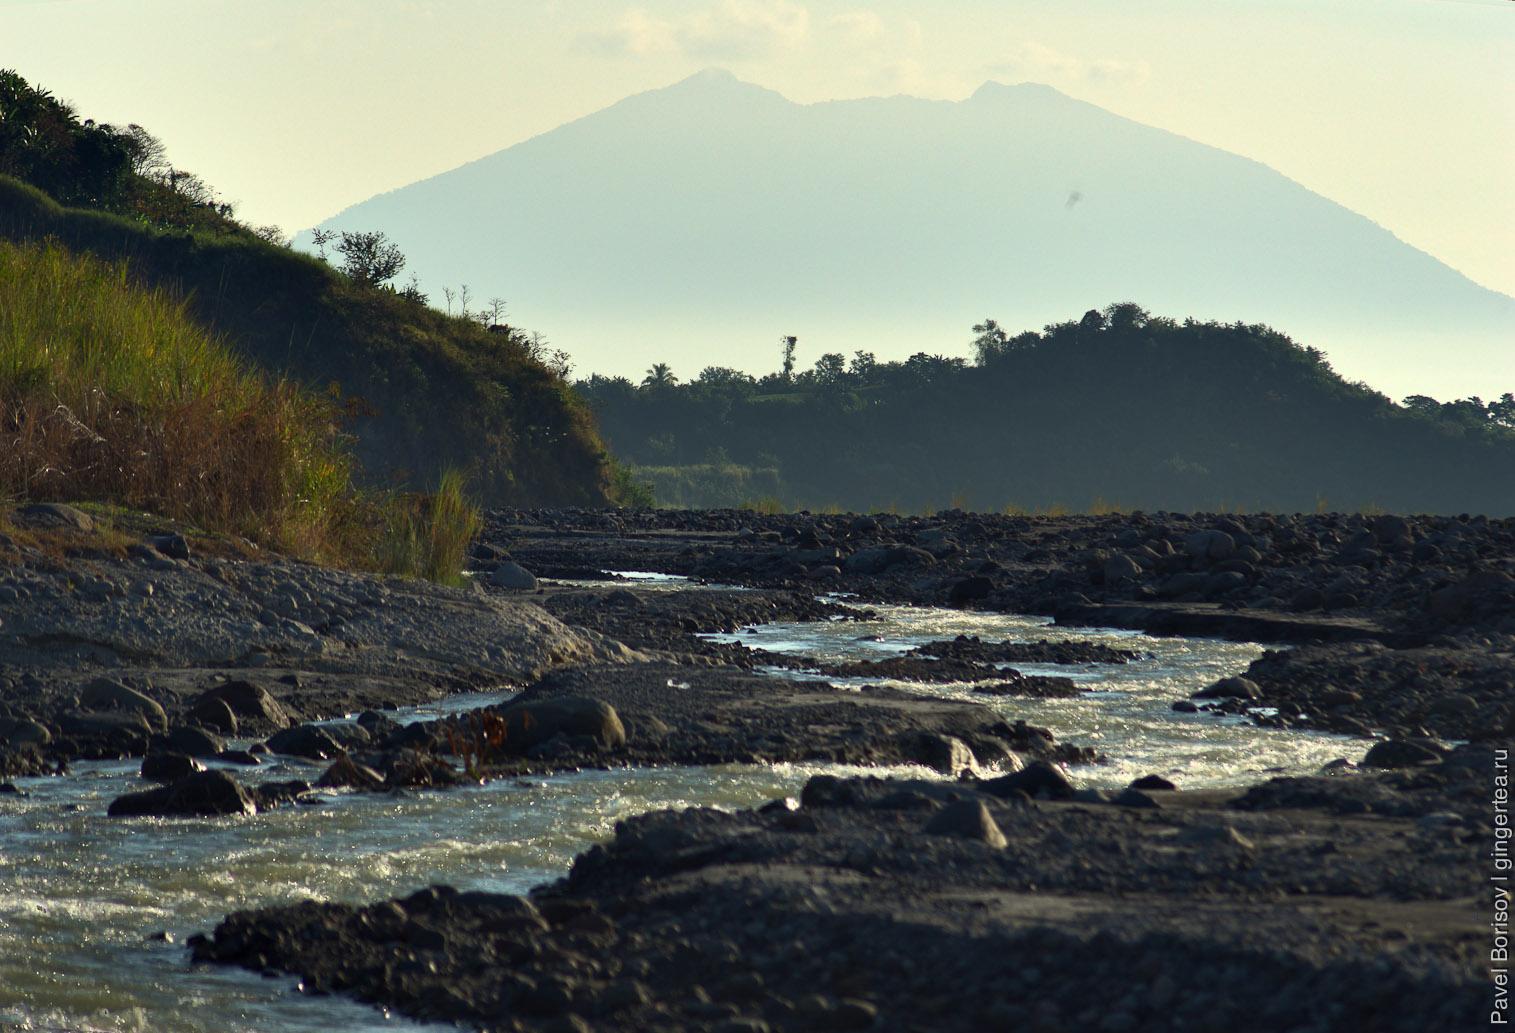 вулкан на Филиппинах, Philippines volcano